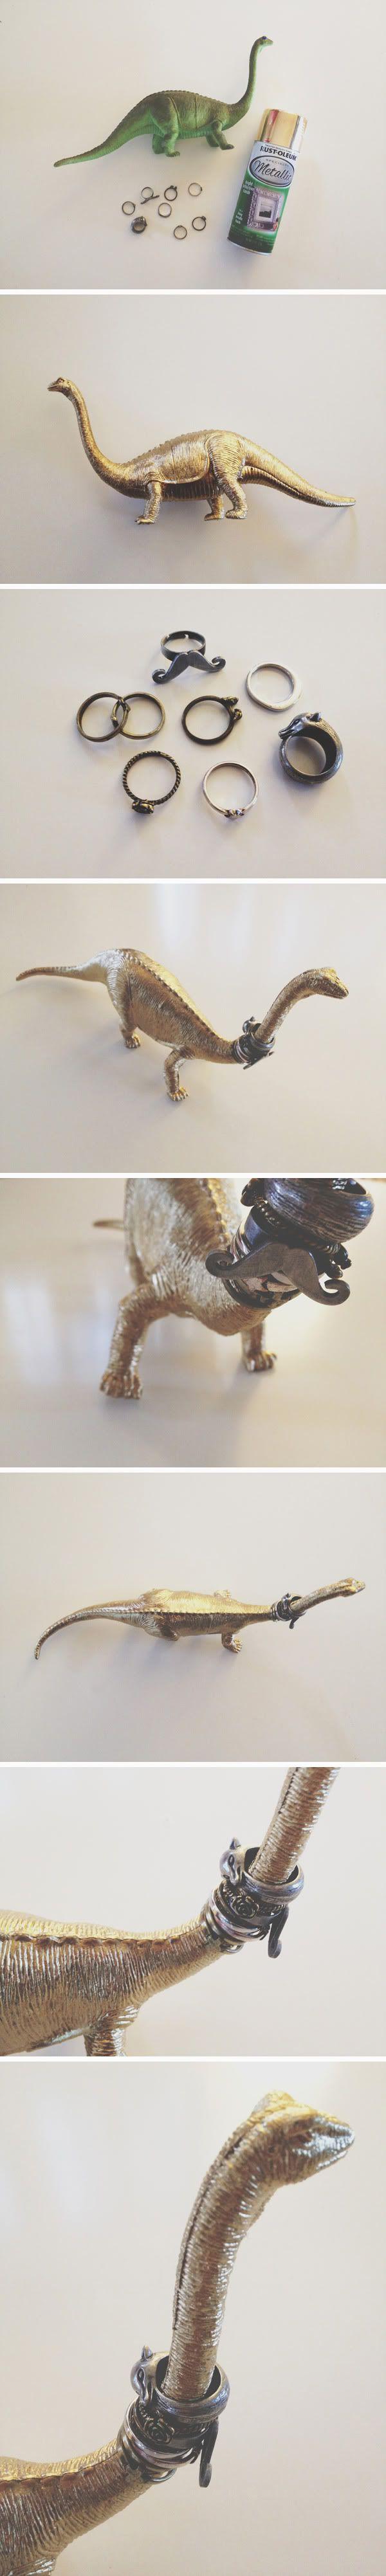 DIY Dino Ring Holder by walkinlove